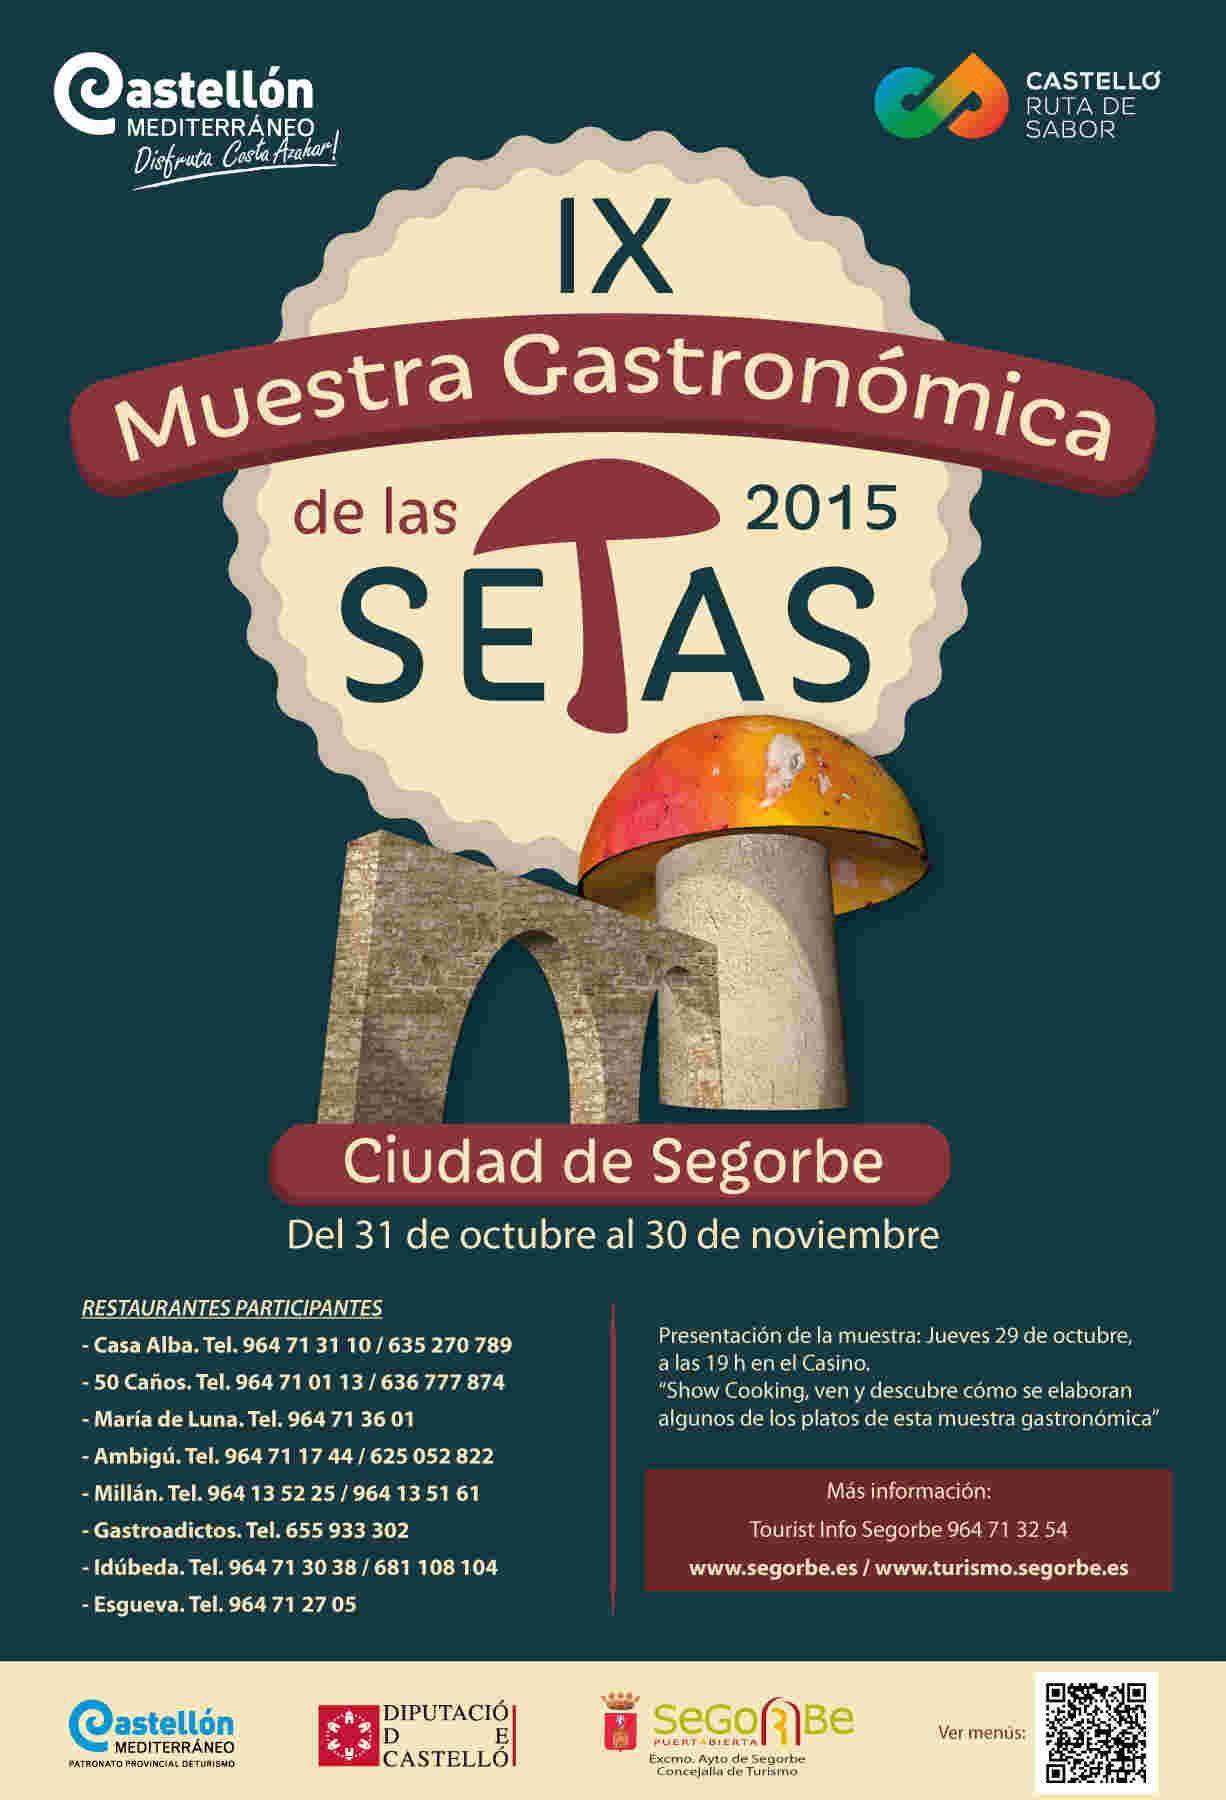 Cartel del IX Muestra Gastronómica de Setas